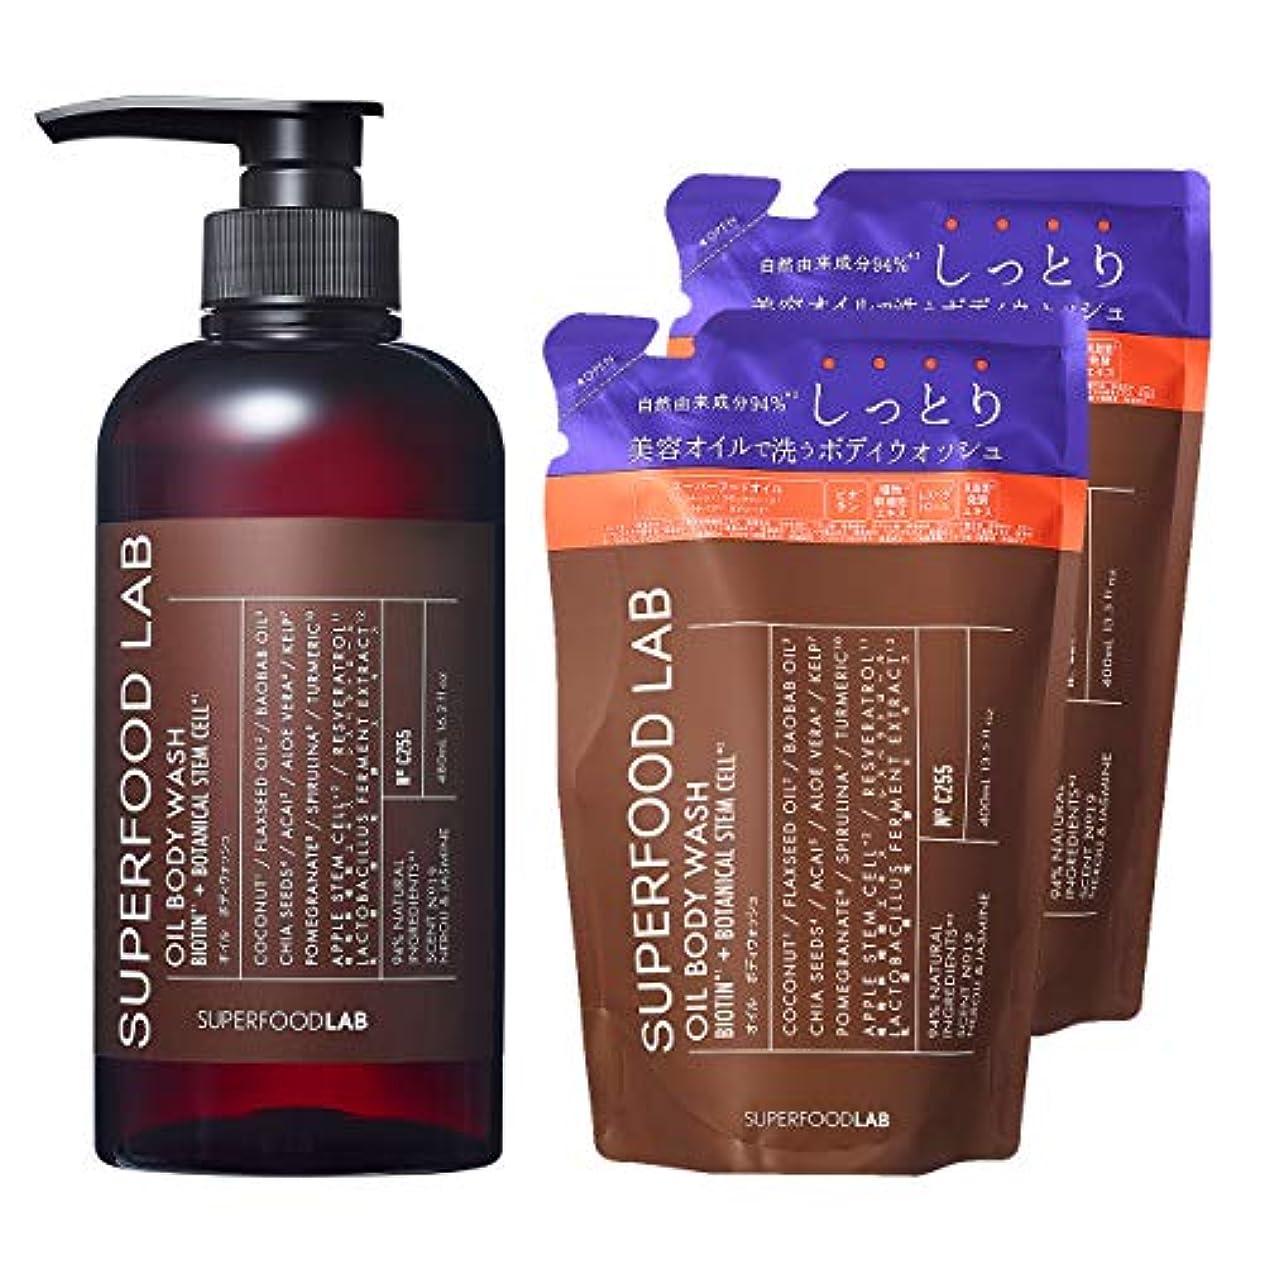 シャイ成り立つ過半数SFL(スーパーフードラボ) 美容オイルで洗う【しっとり】ビオチン+オイル ボディウォッシュ 本体+リフィル2個セット